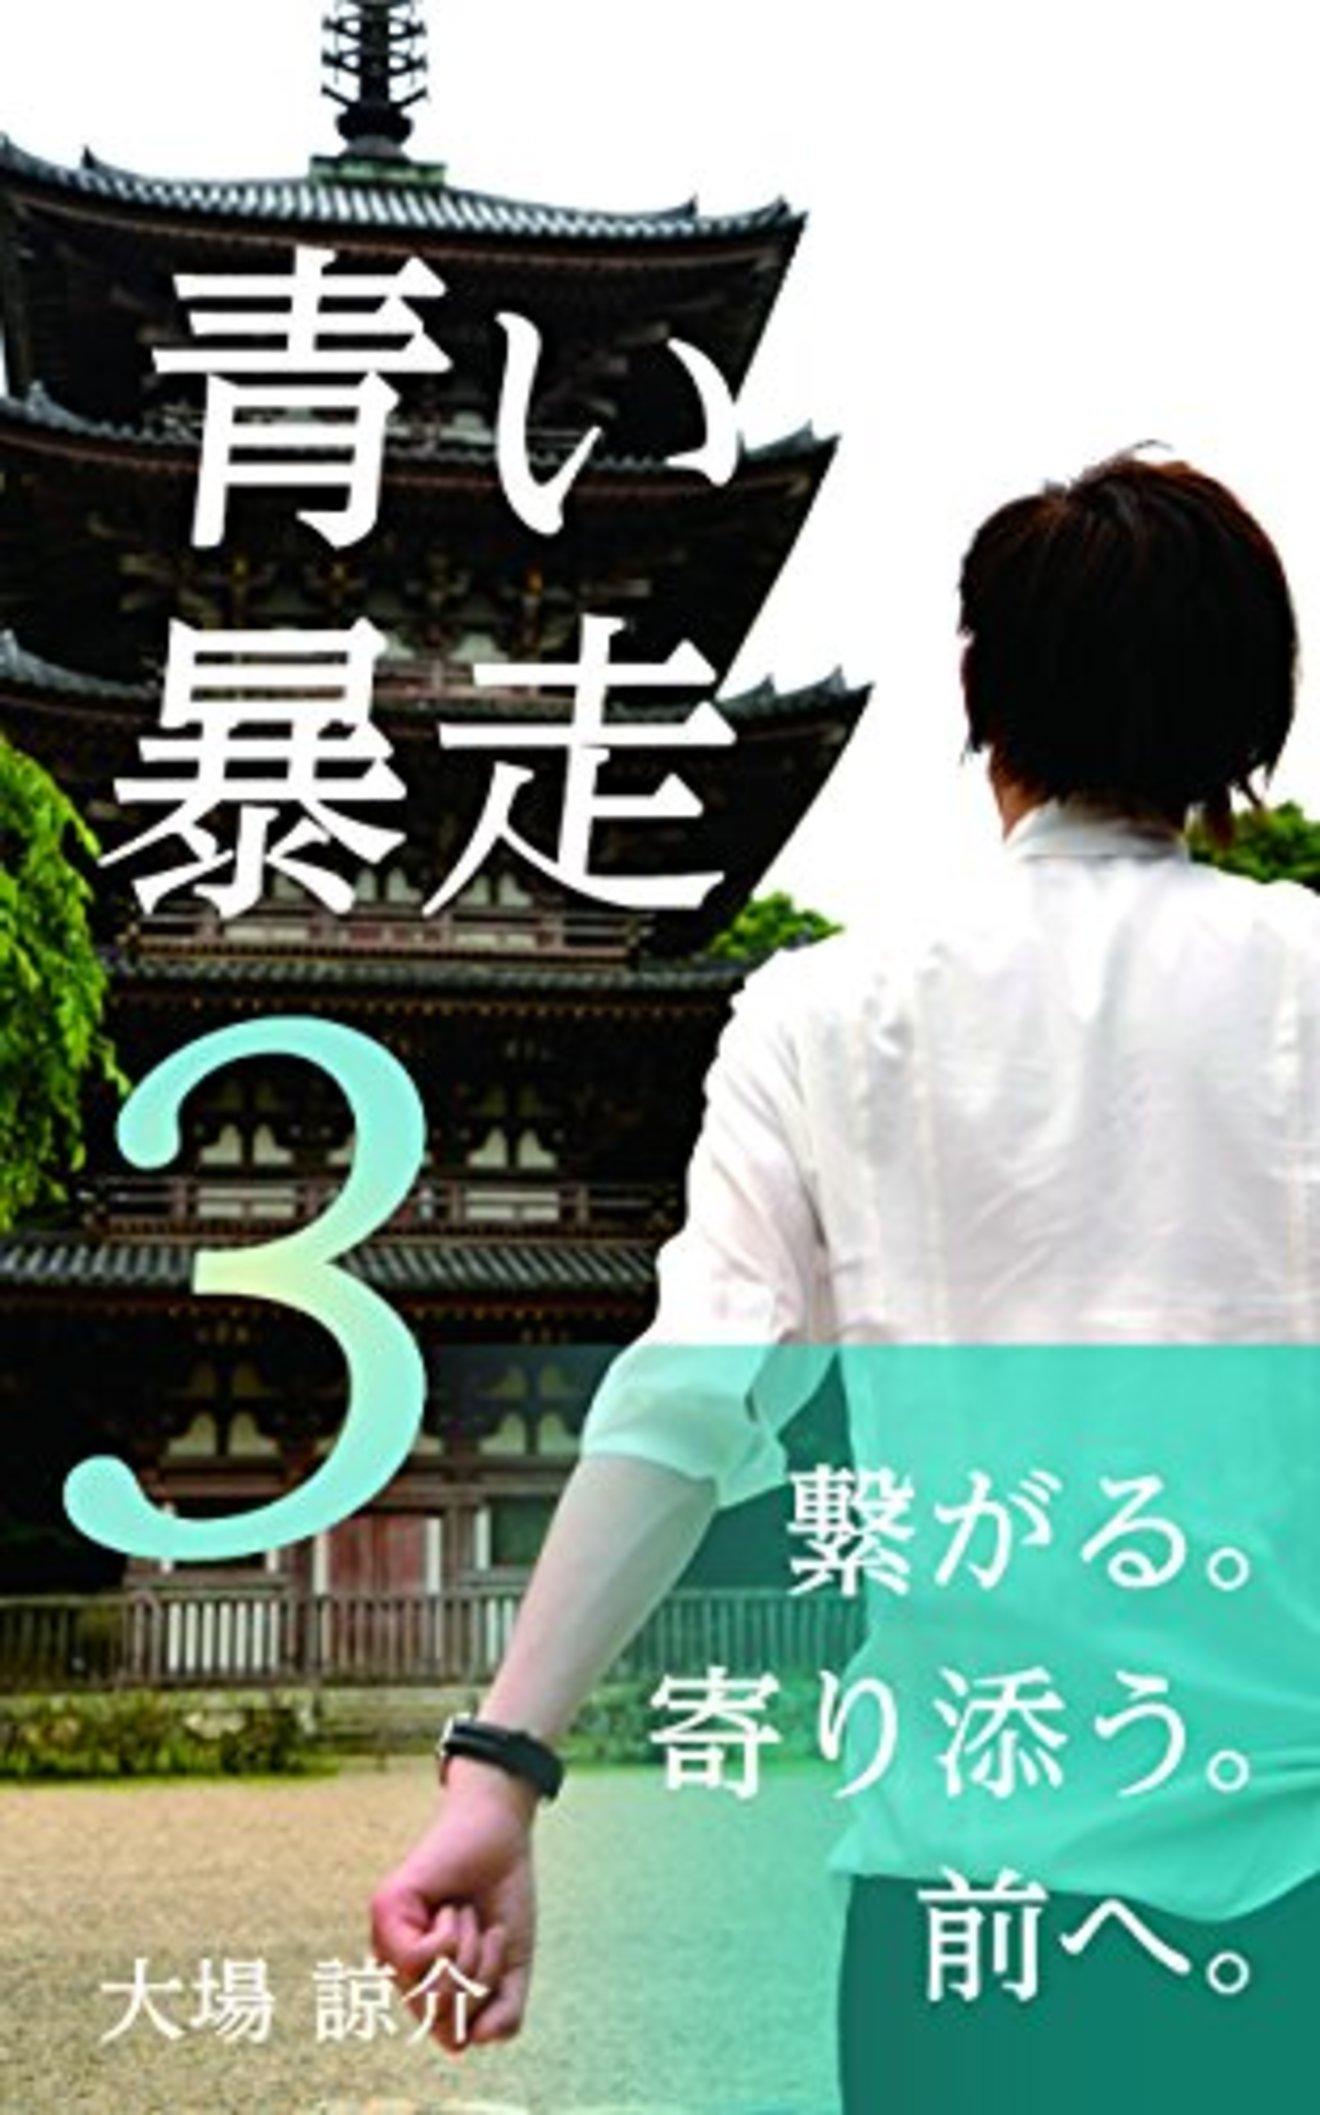 【連載小説】「ロマンティックが終わる時」第3話【毎朝6時更新】